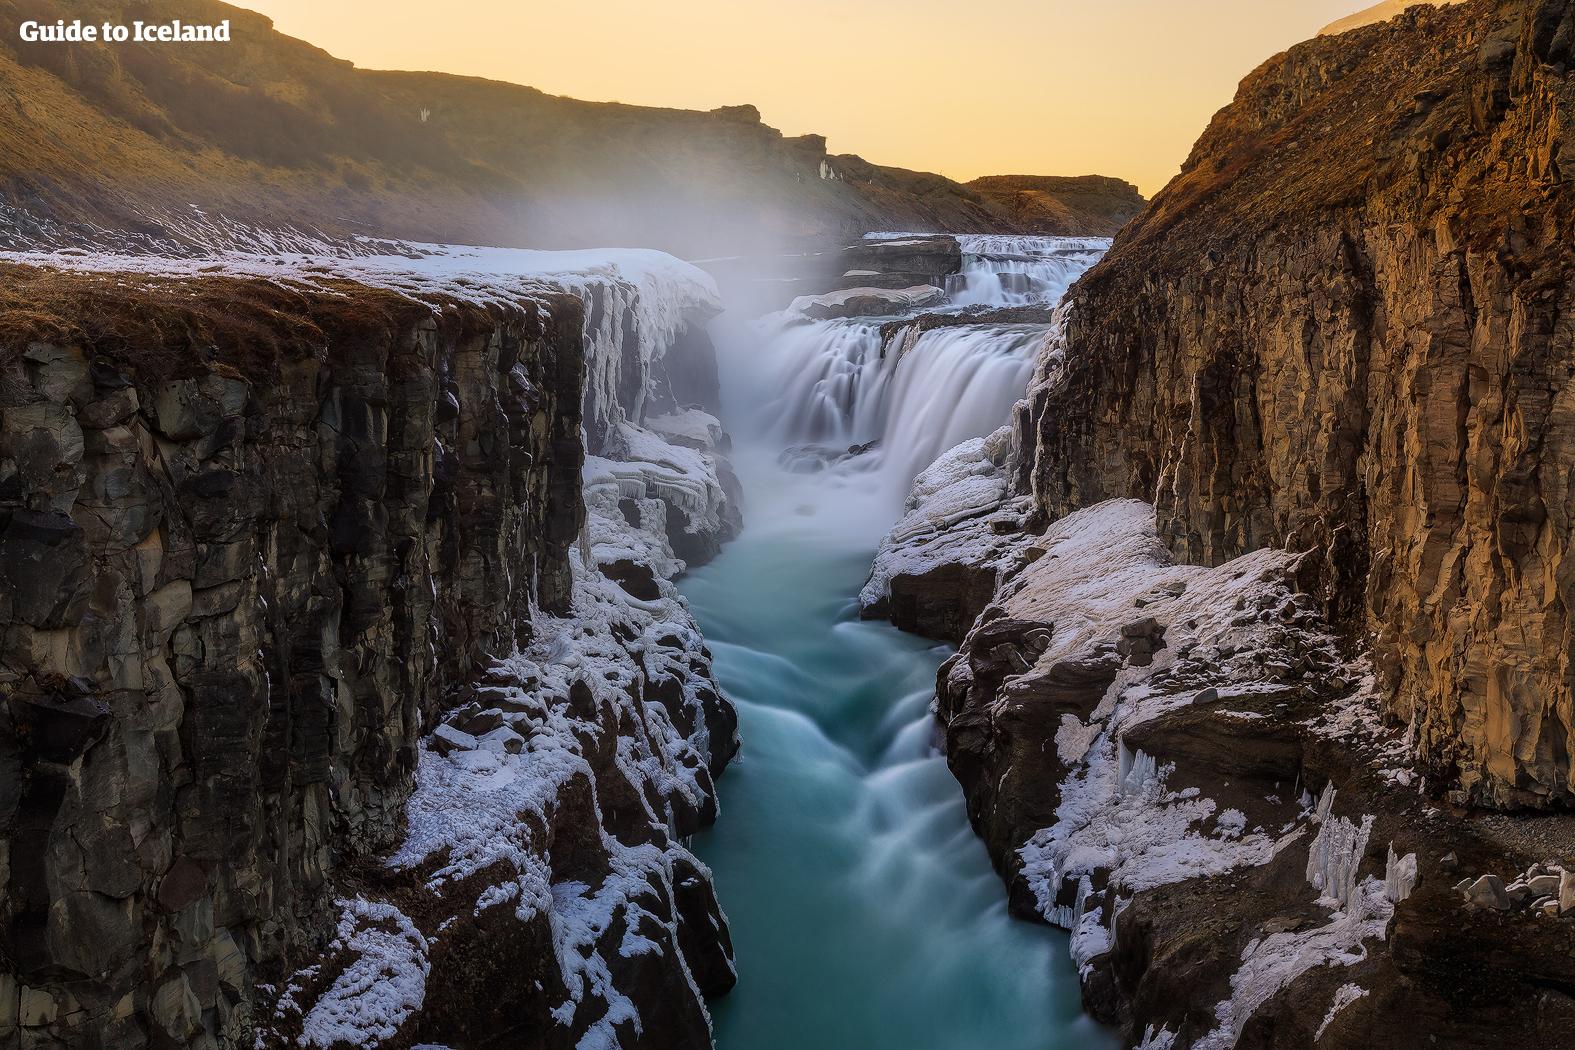 De vallei waardoor Gullfoss stroomt, wordt met sneeuw bedekt tijdens de winter in Zuid-IJsland.